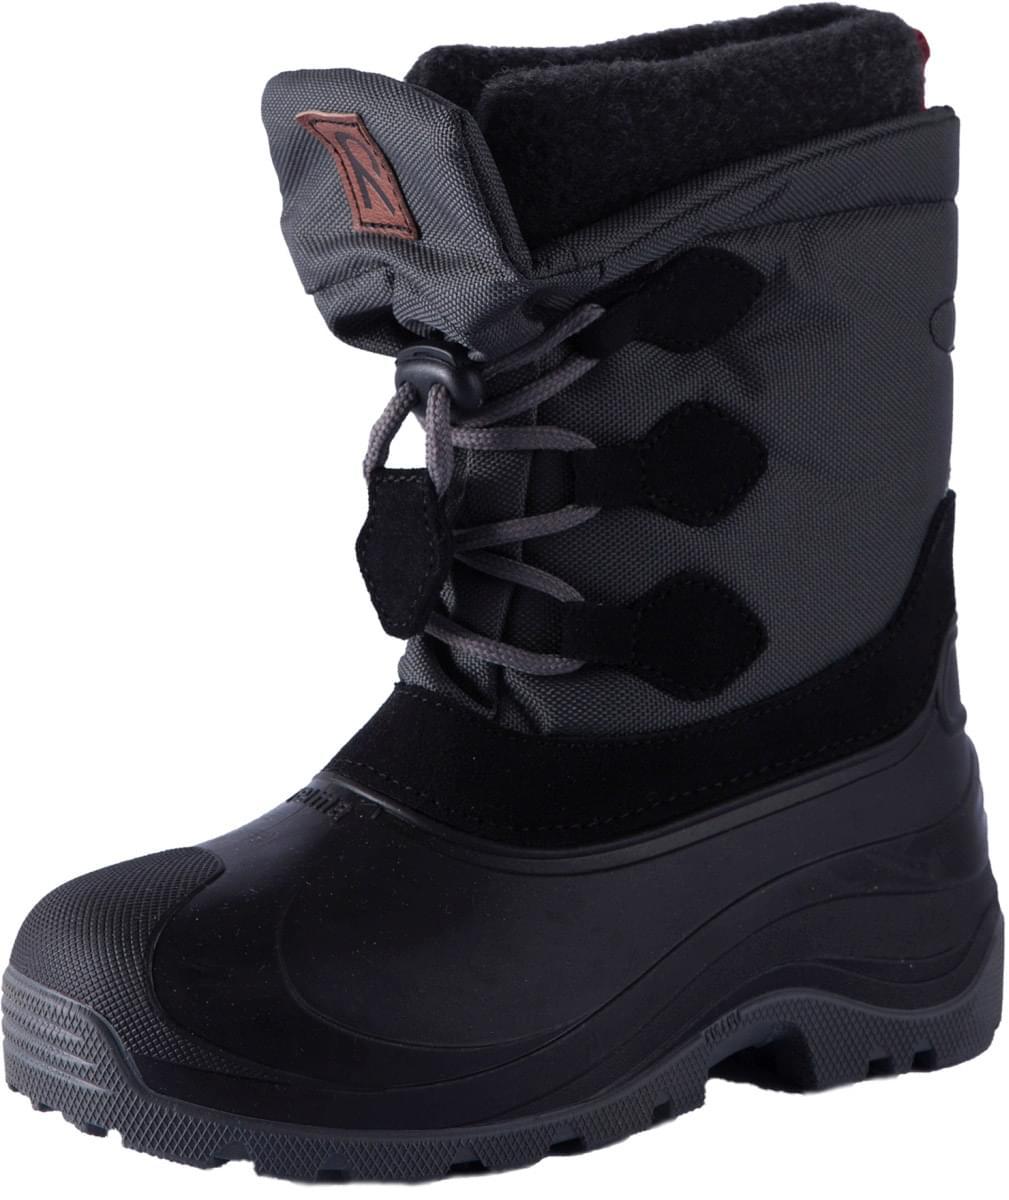 Dětské zimní boty Reima Loimu - Black - Skibi Kids 3e053334b1